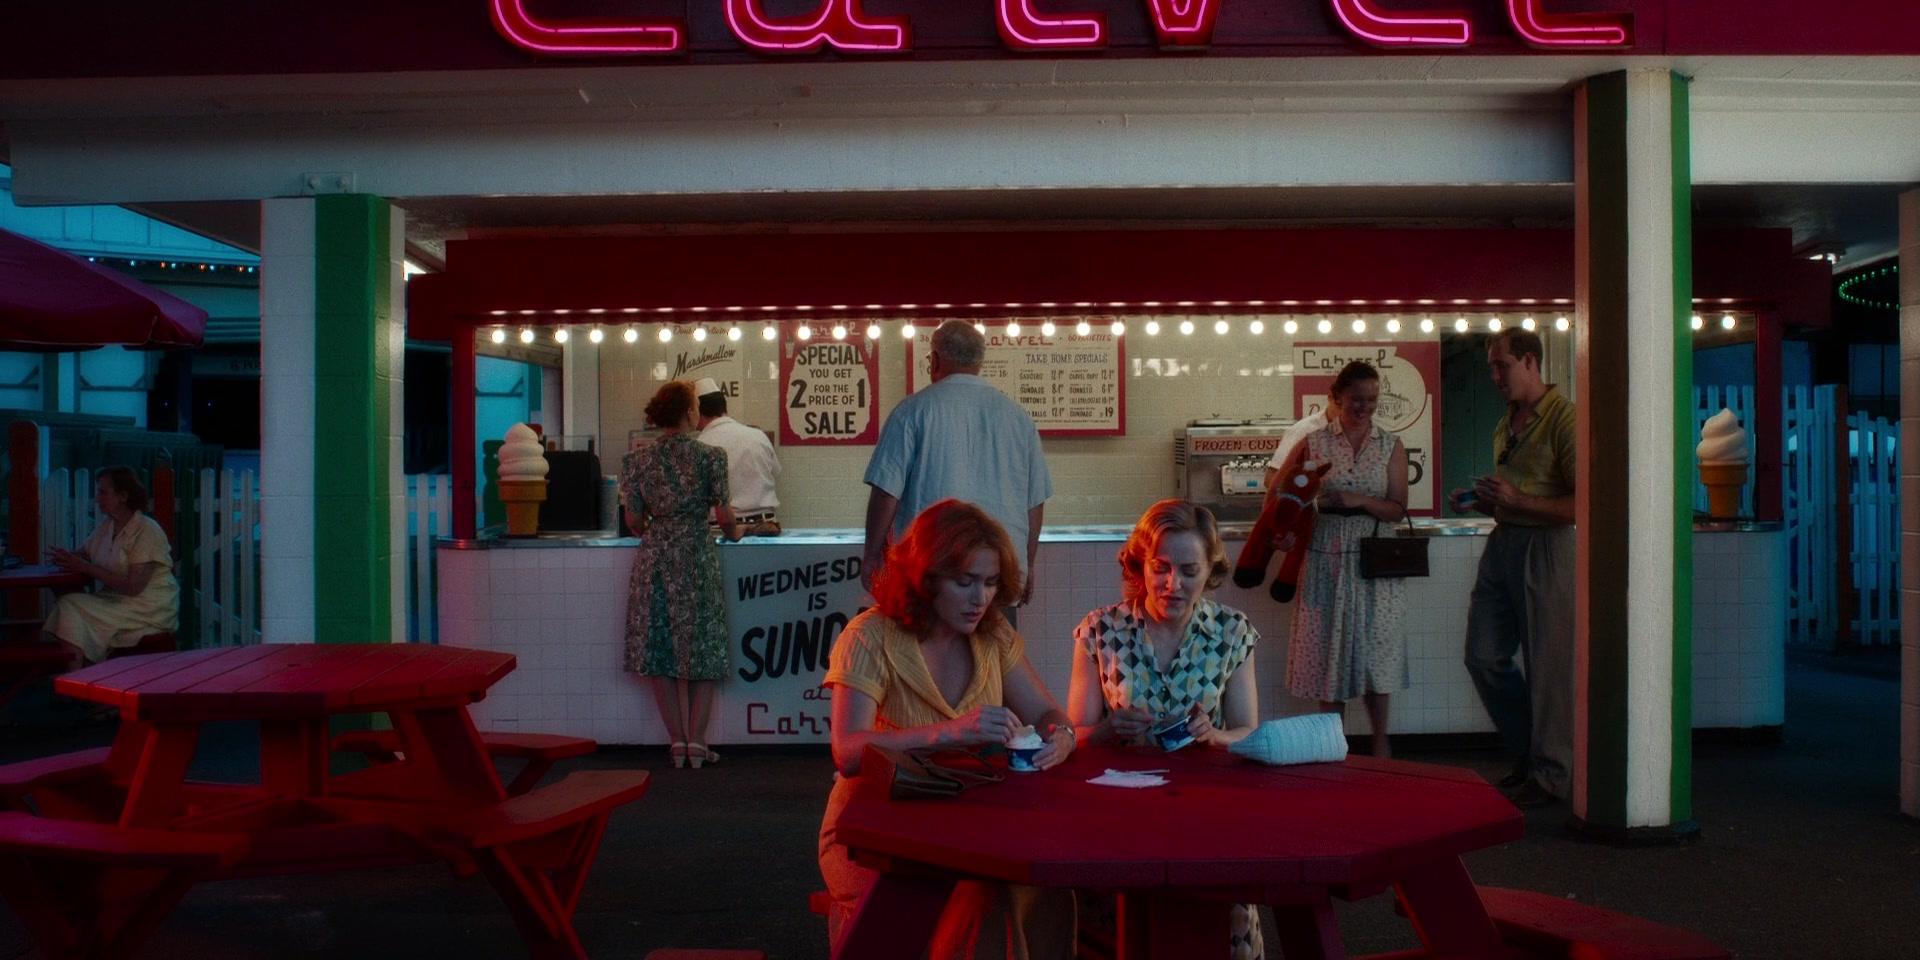 Carvel Ice Cream Restaurant In Wonder Wheel 2017 Movie